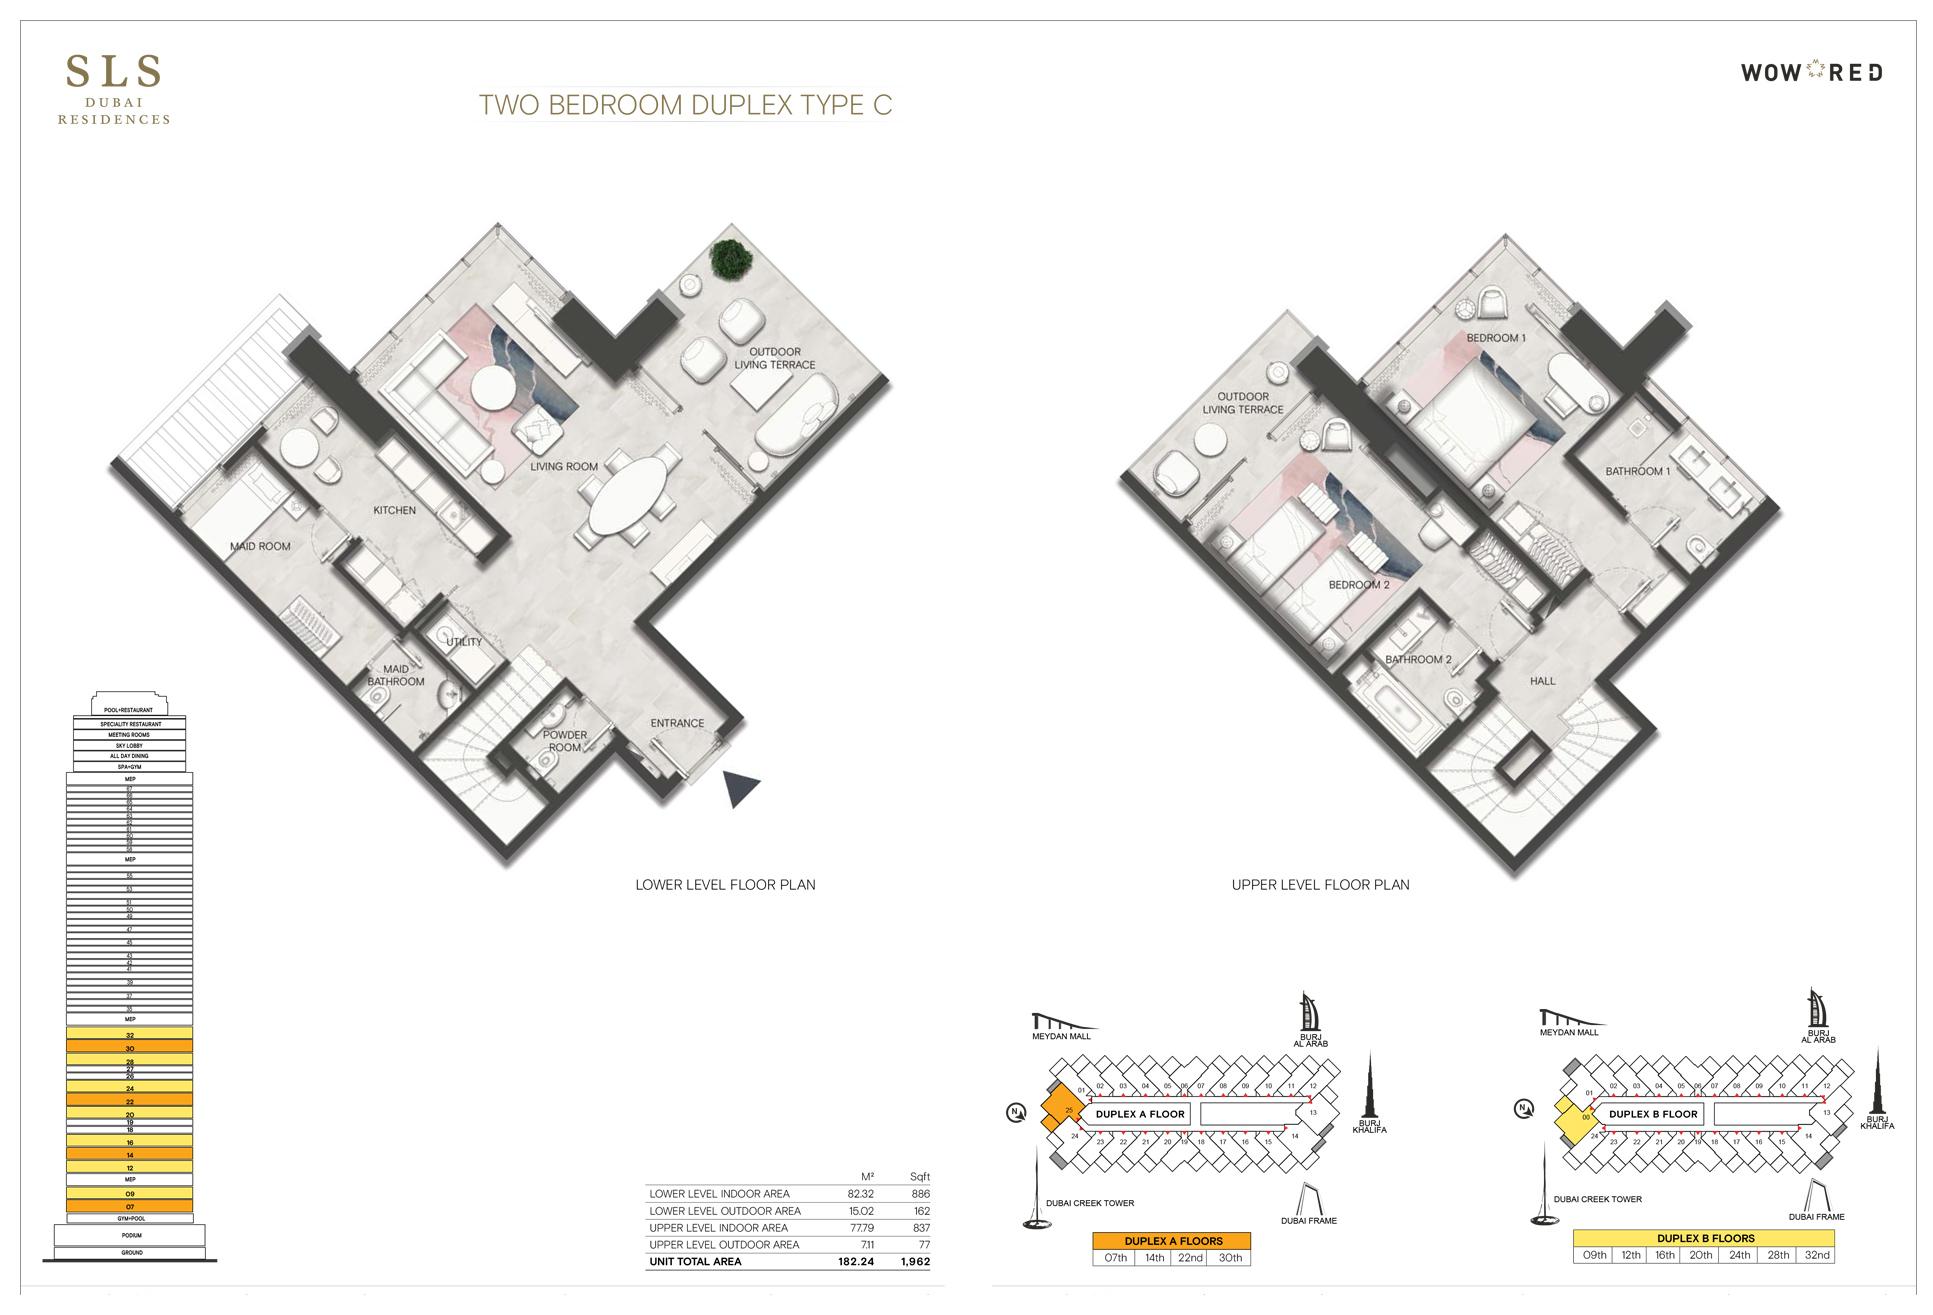 2 Bedroom Duplex Type C Size 1962 sq.ft